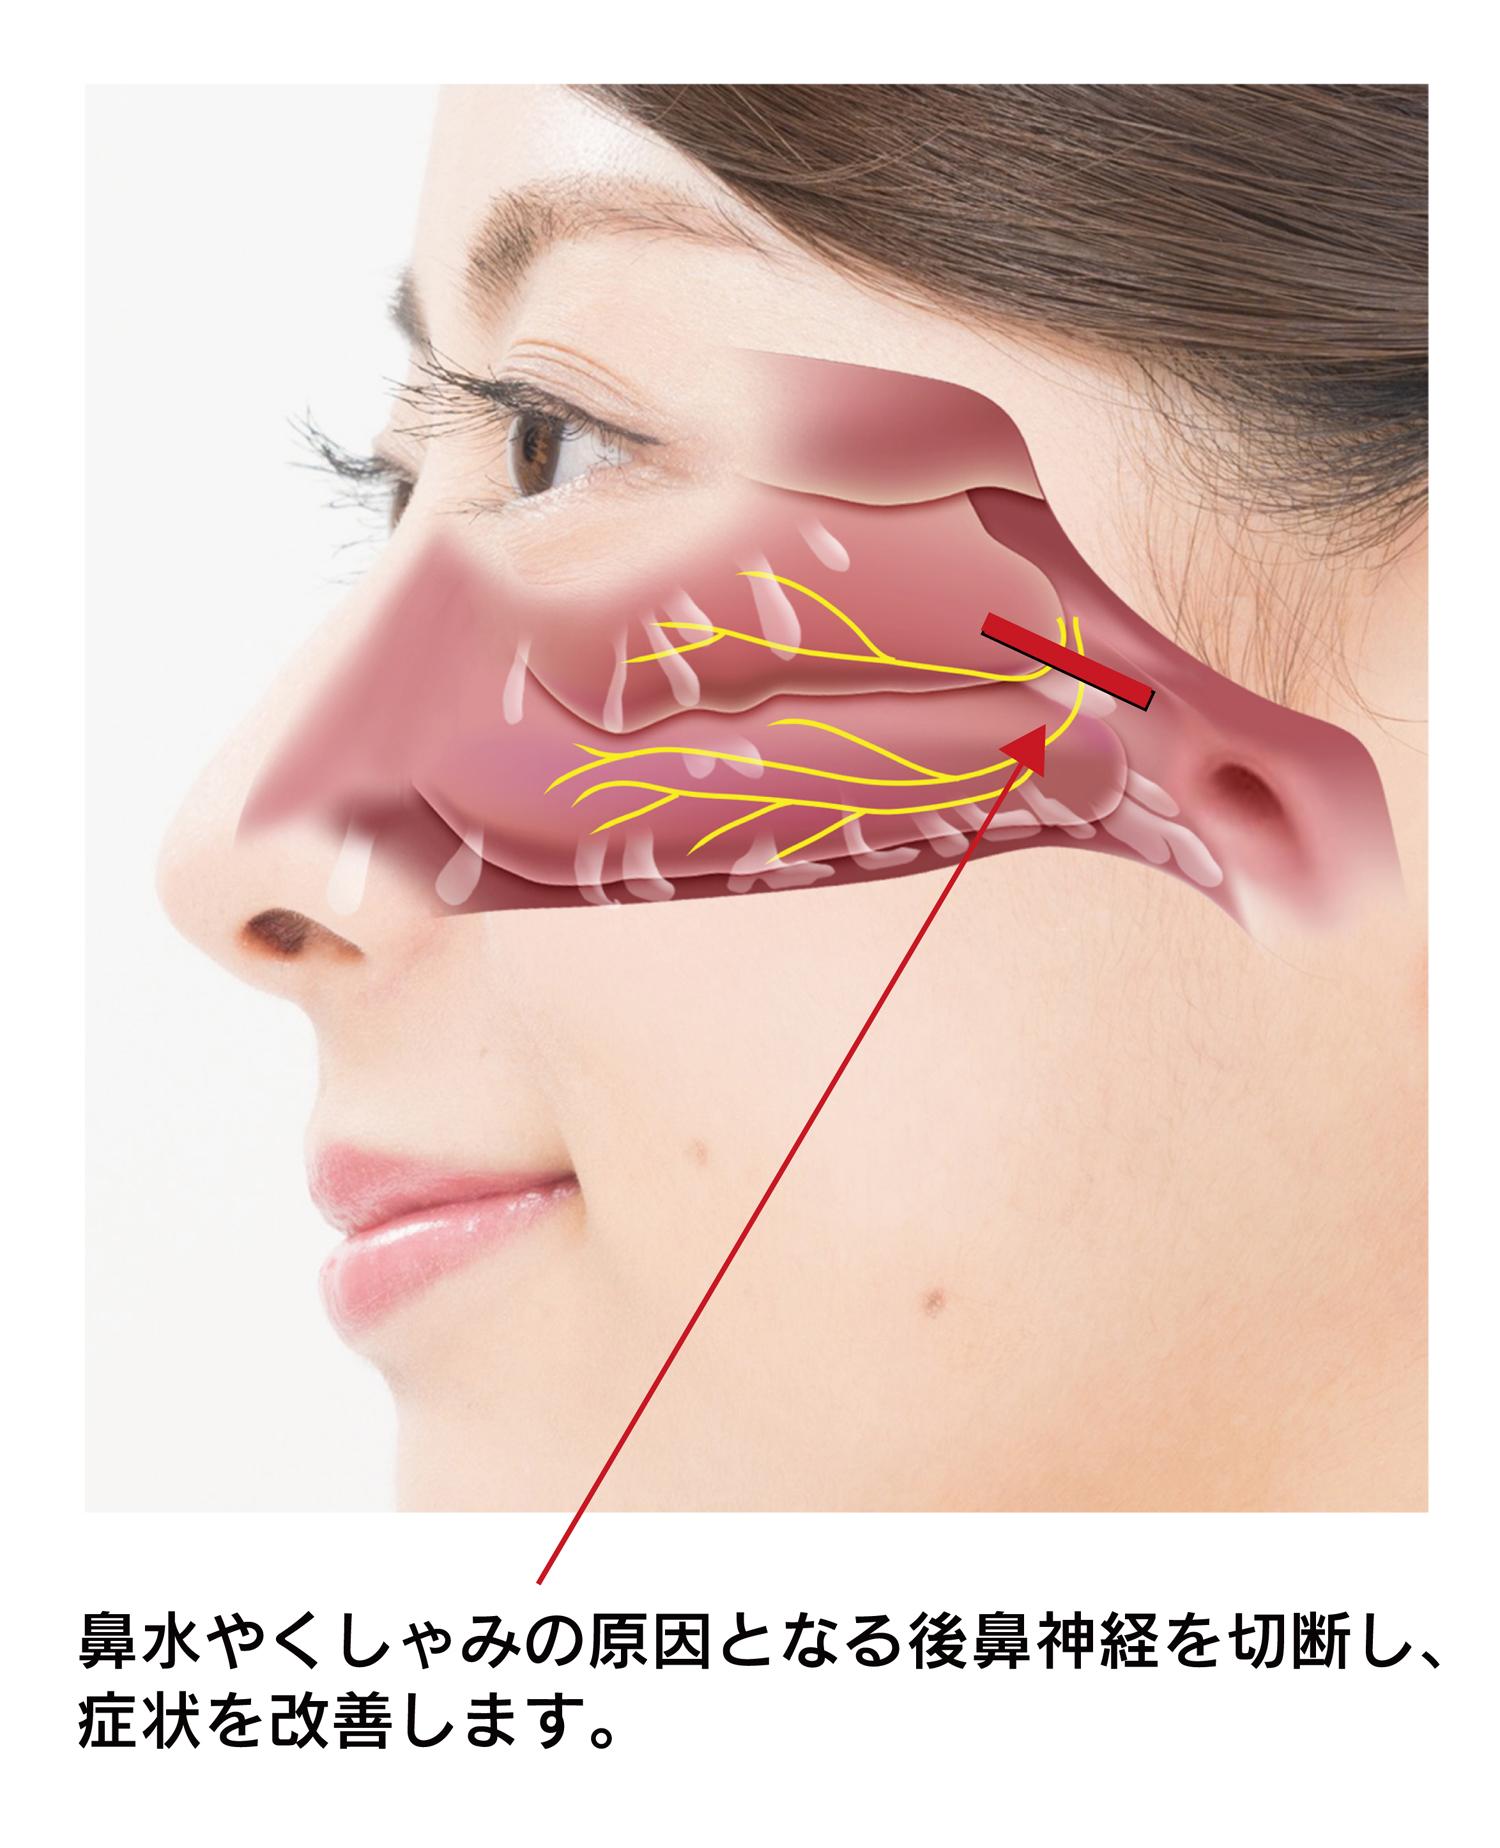 鼻 づまり 手術